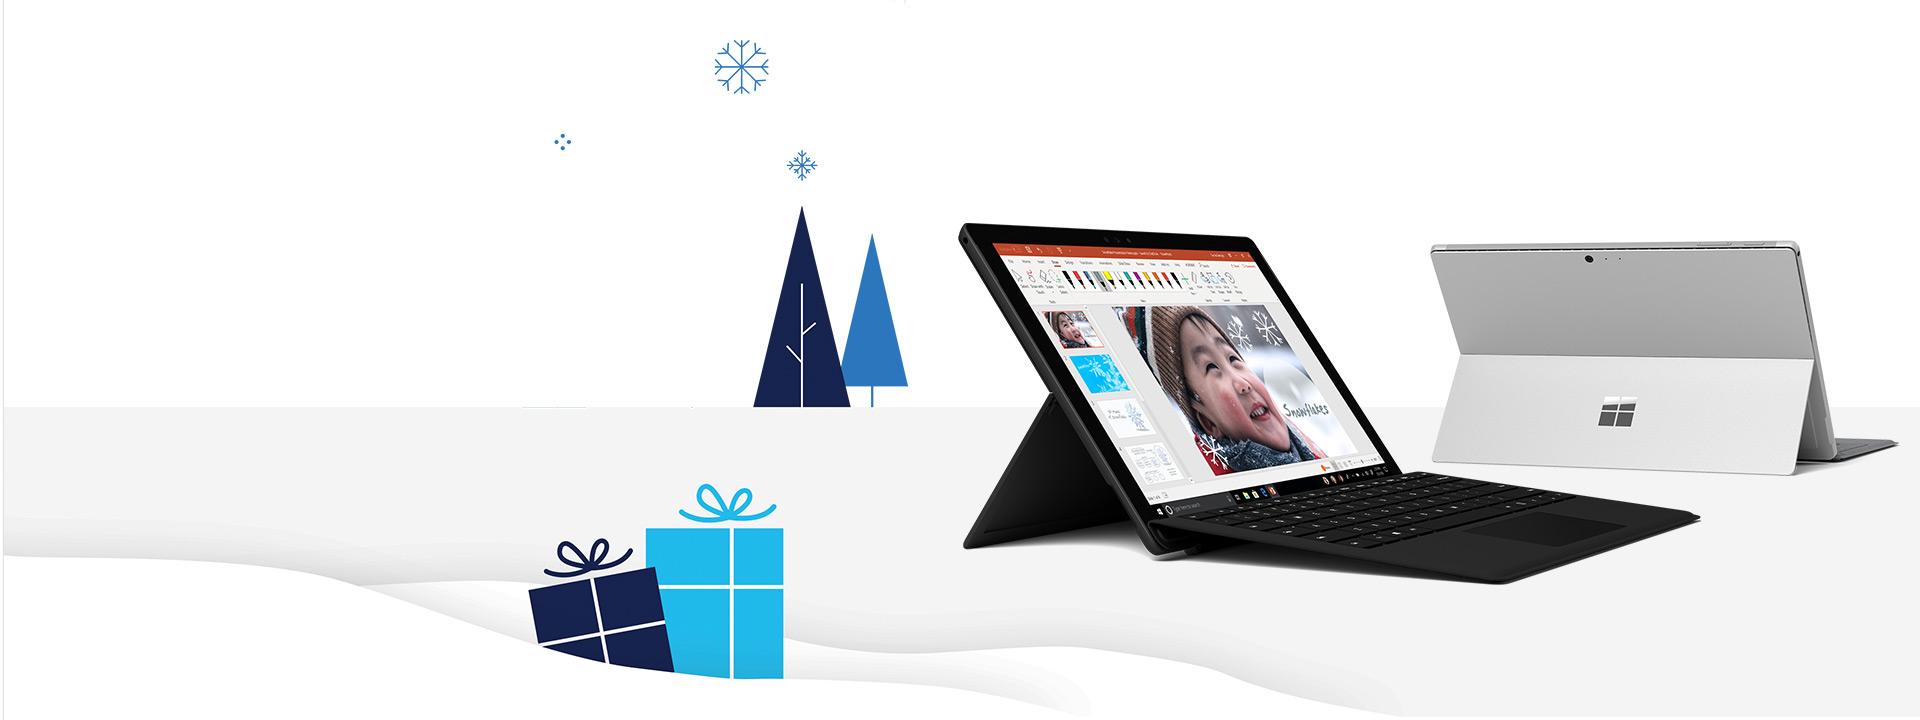 Sorgen Sie mit dem neuen Surface Pro 6 für Begeisterung